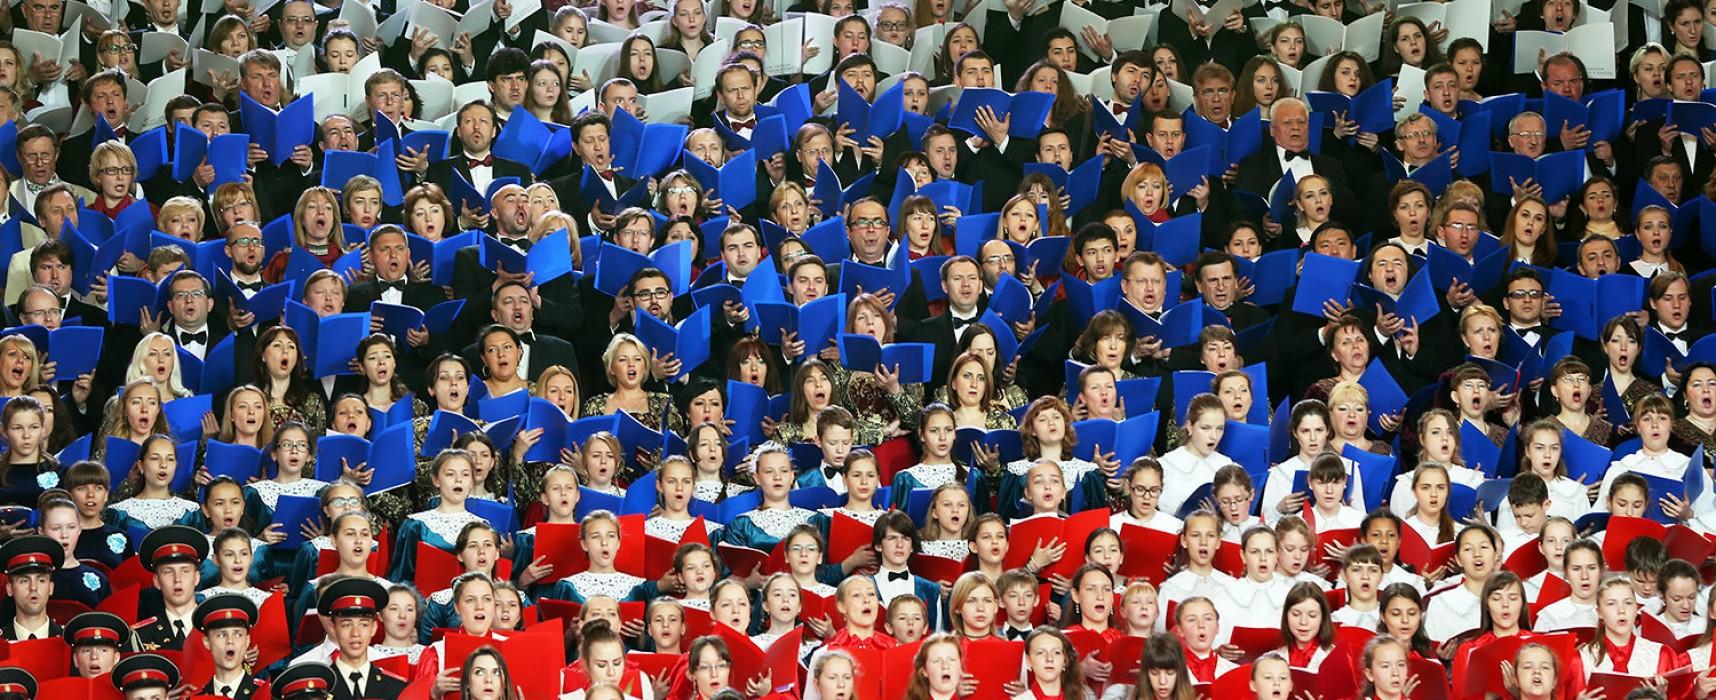 В России может быть создан «патриотический» музыкальный медиахолдинг